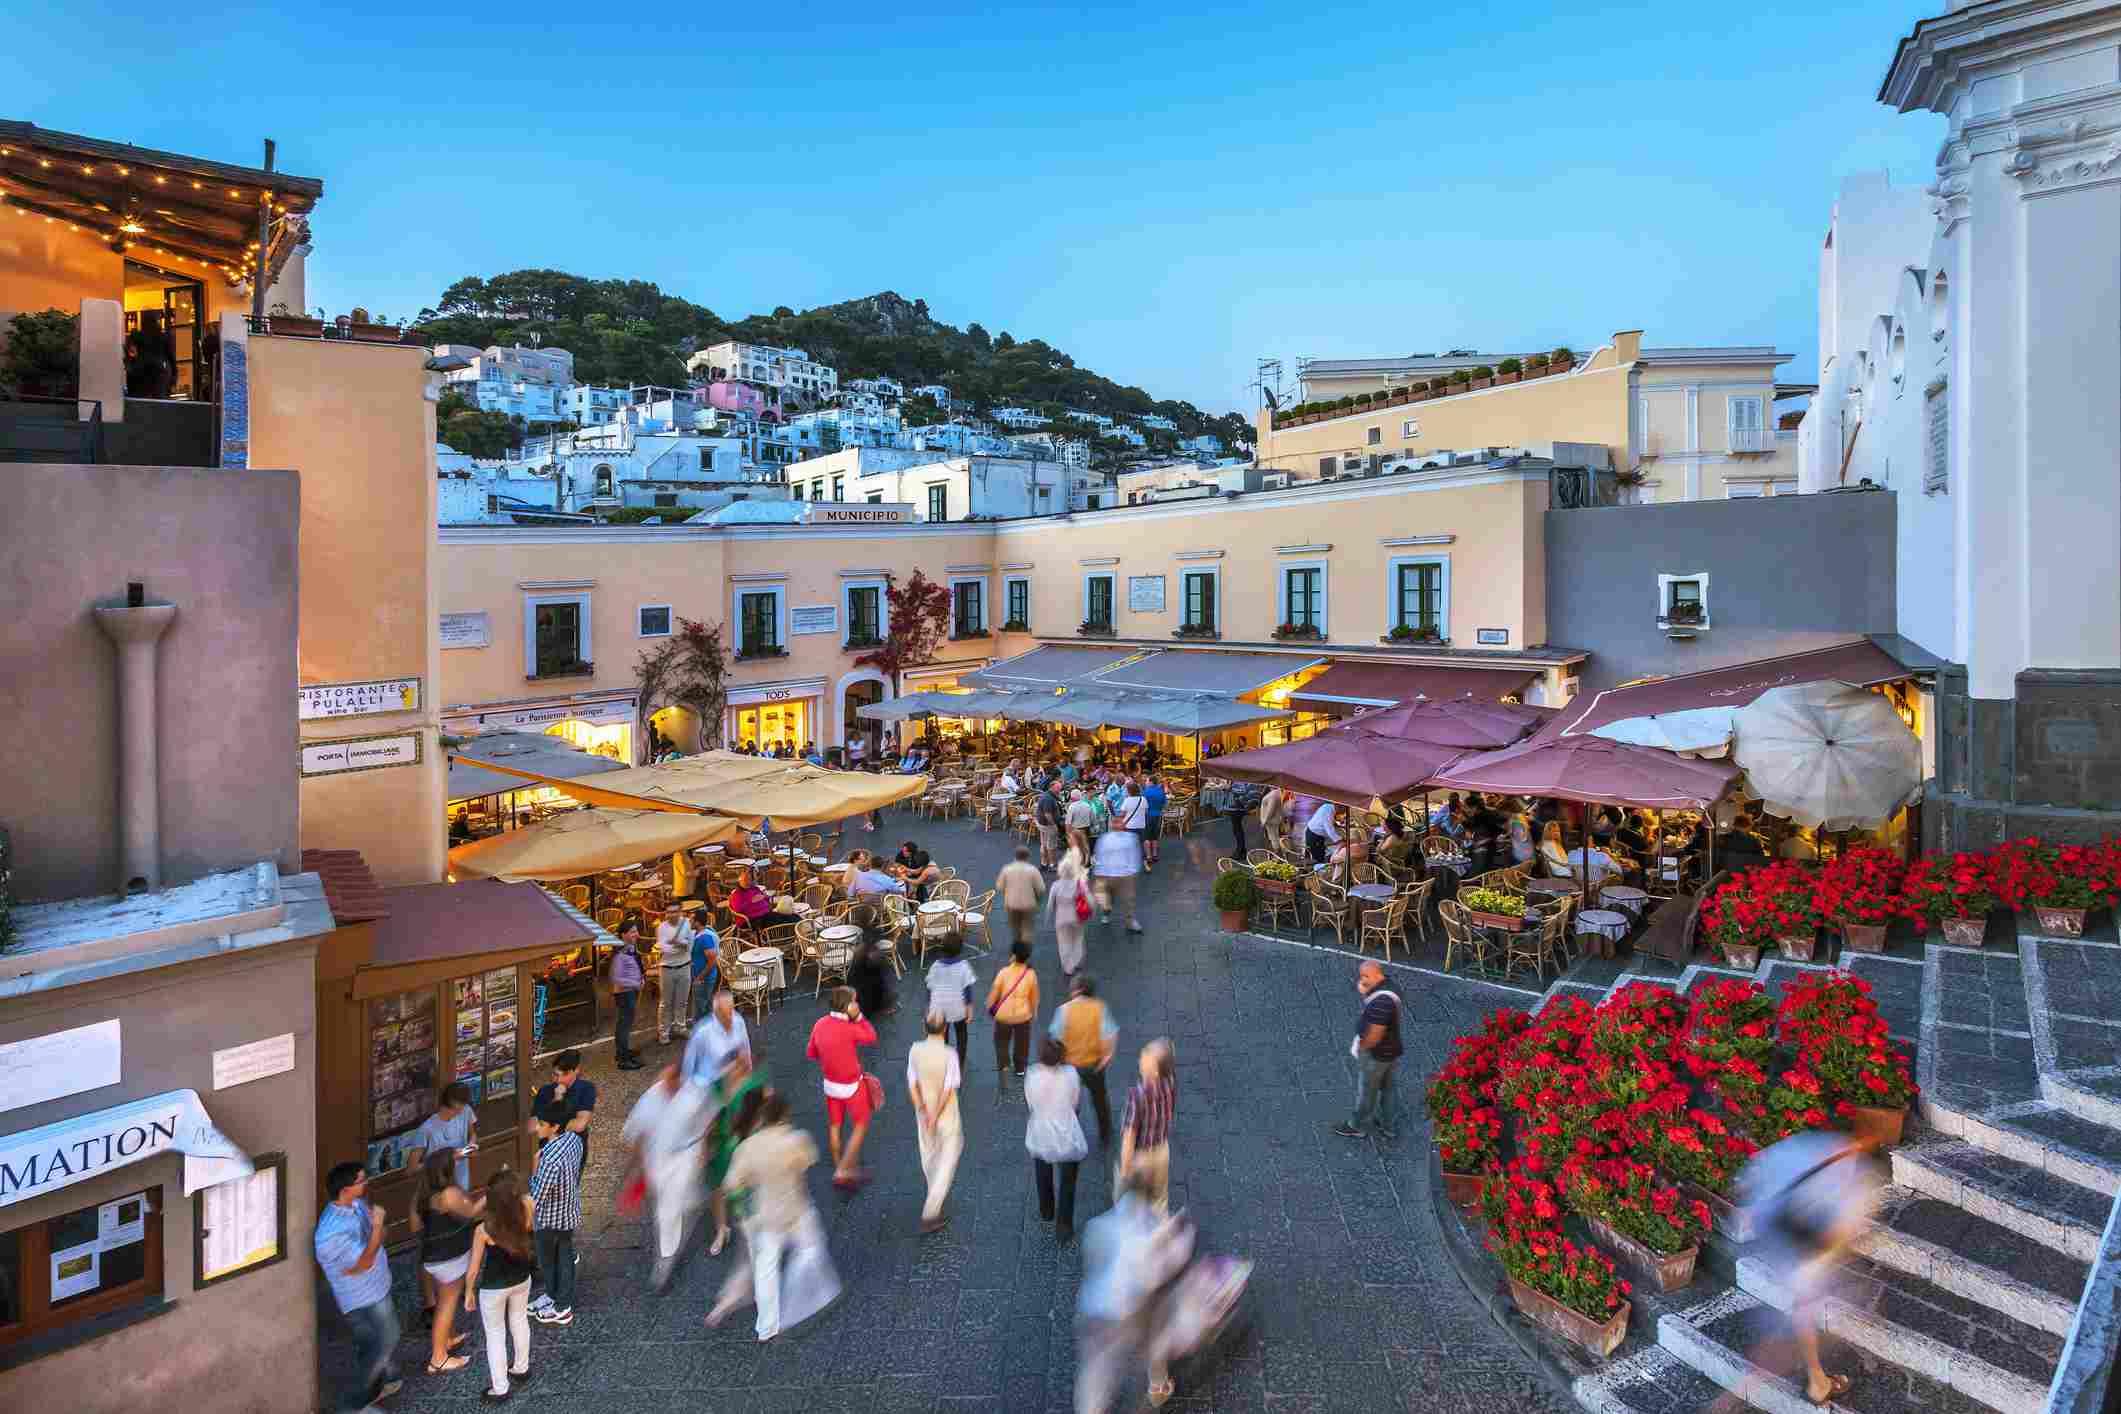 Ambiente nocturno en la Piazza Umberto I, Capri, Bahía de Nápoles, Campania, Italia